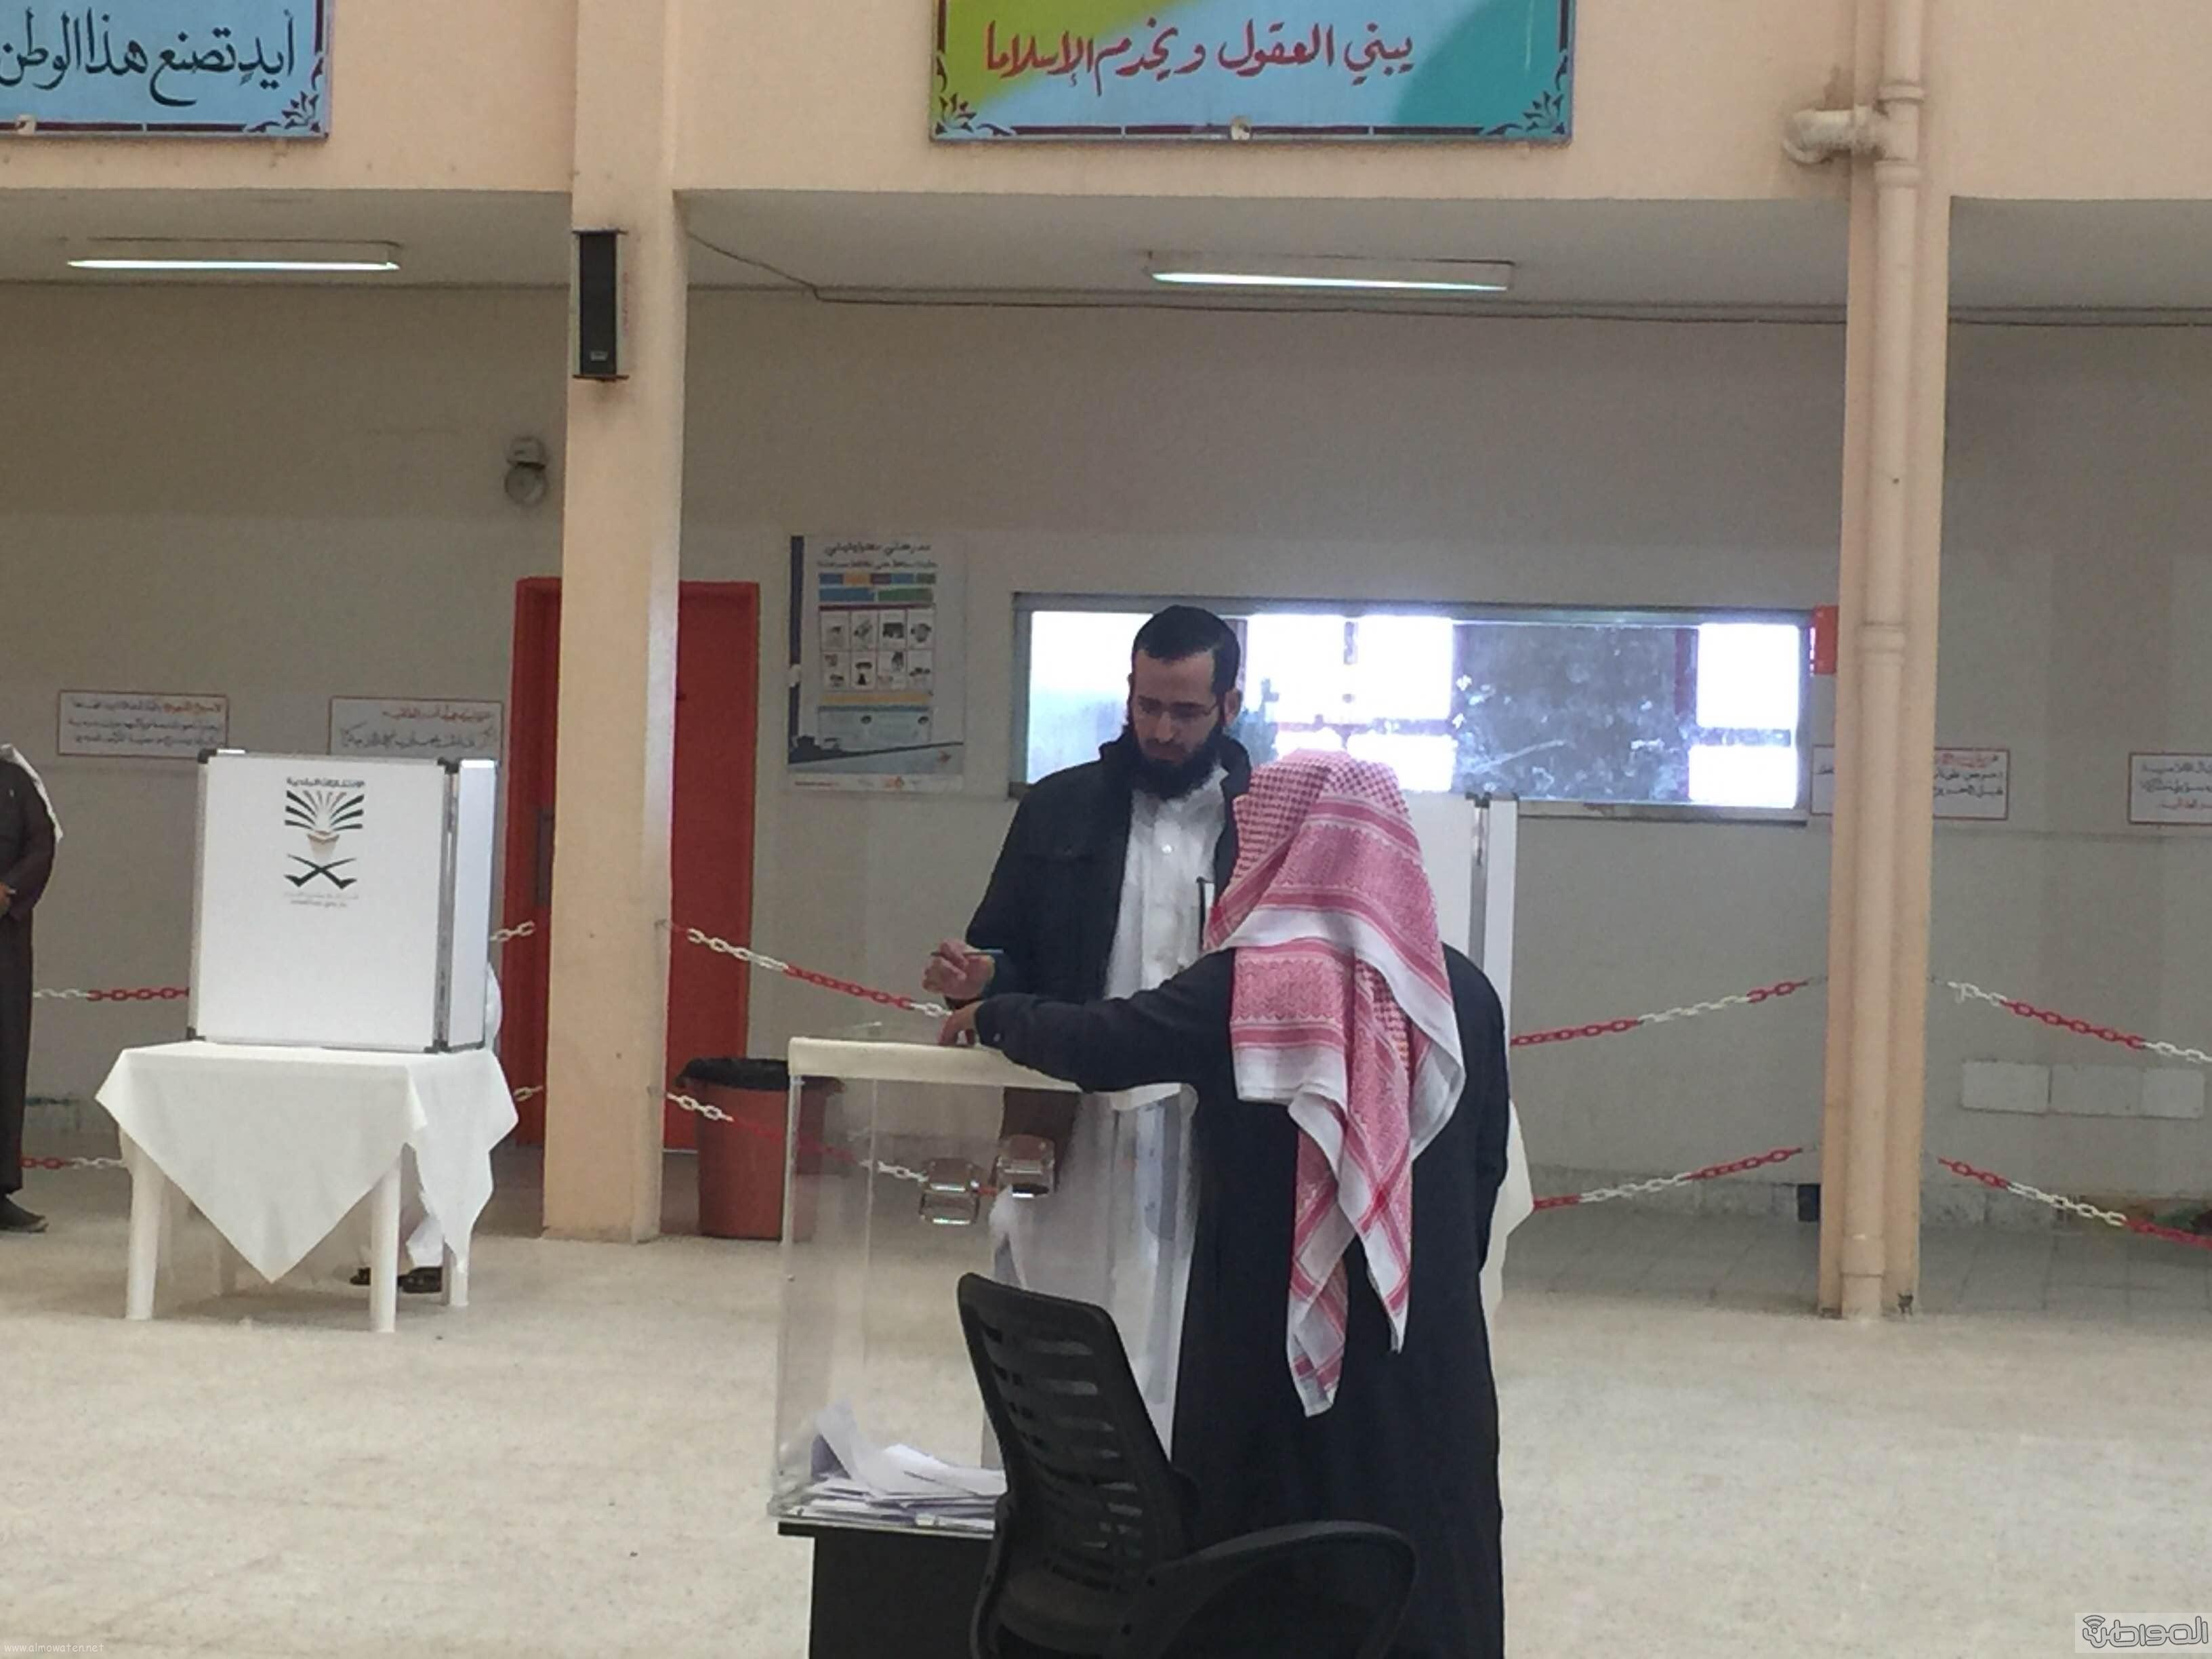 اقبال-ضعيف-للانتخابات-بخميس-مشيط (6)